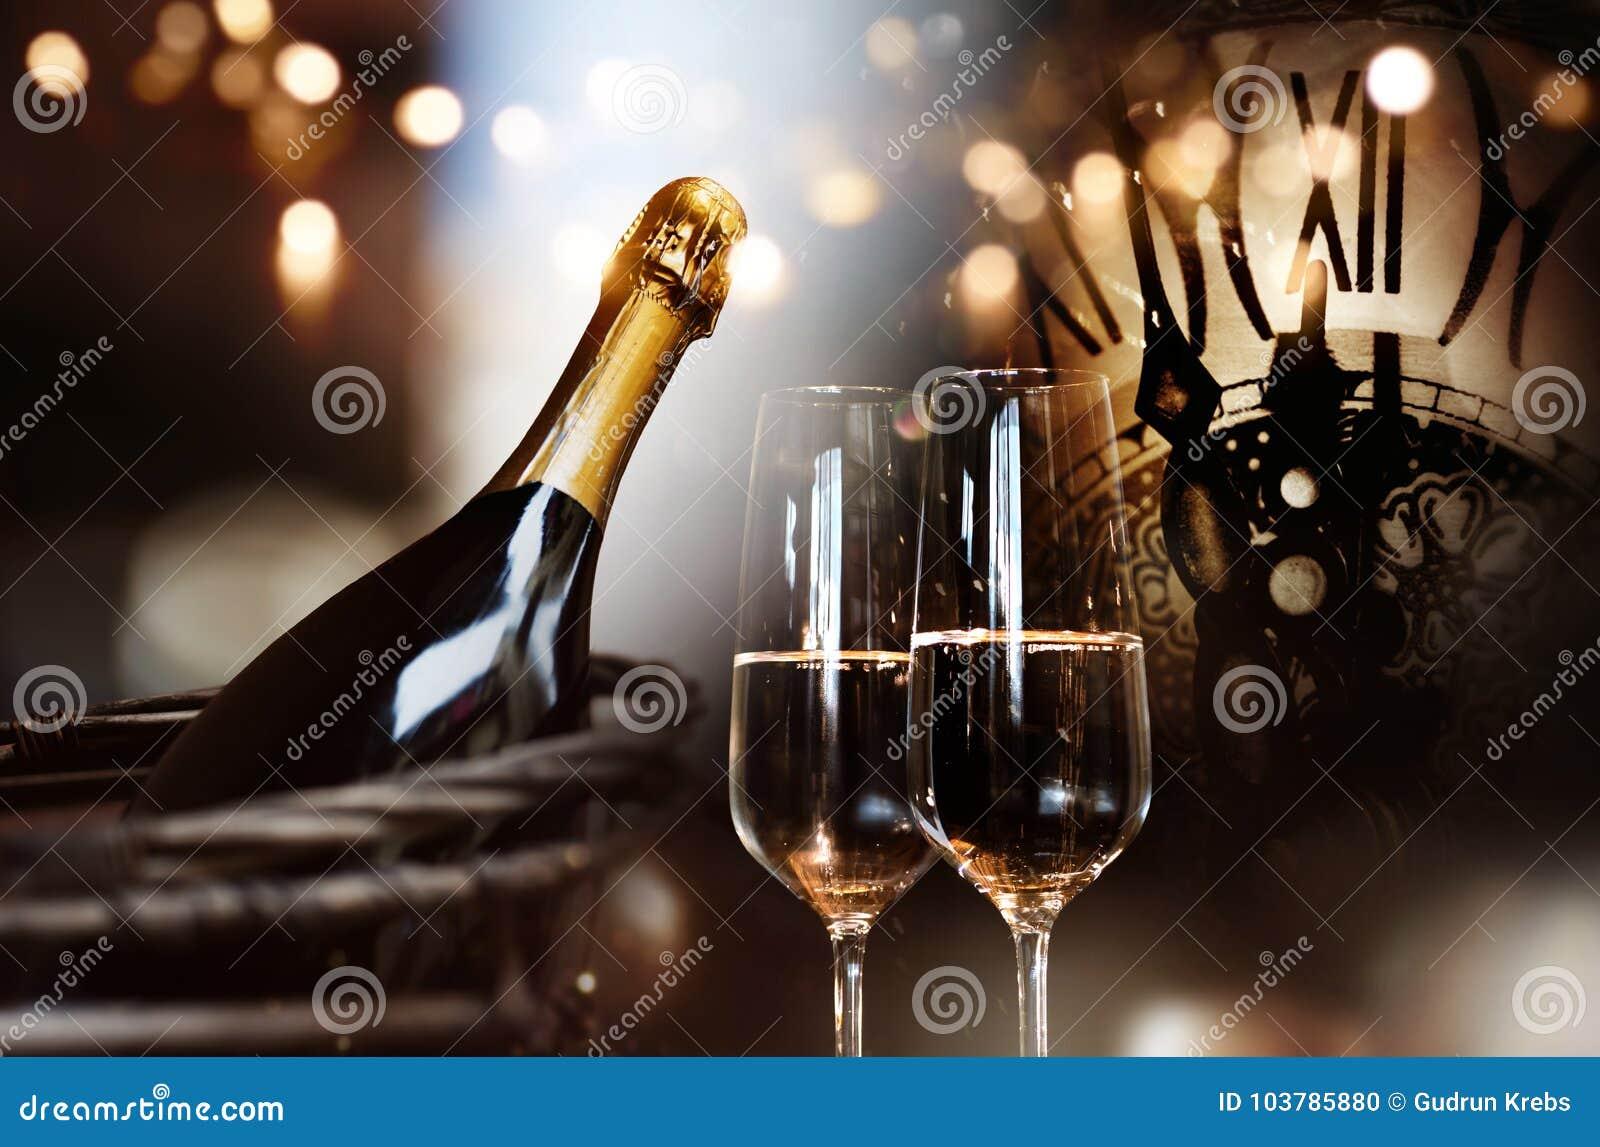 Felicitações pelo ano novo com champanhe e pulso de disparo